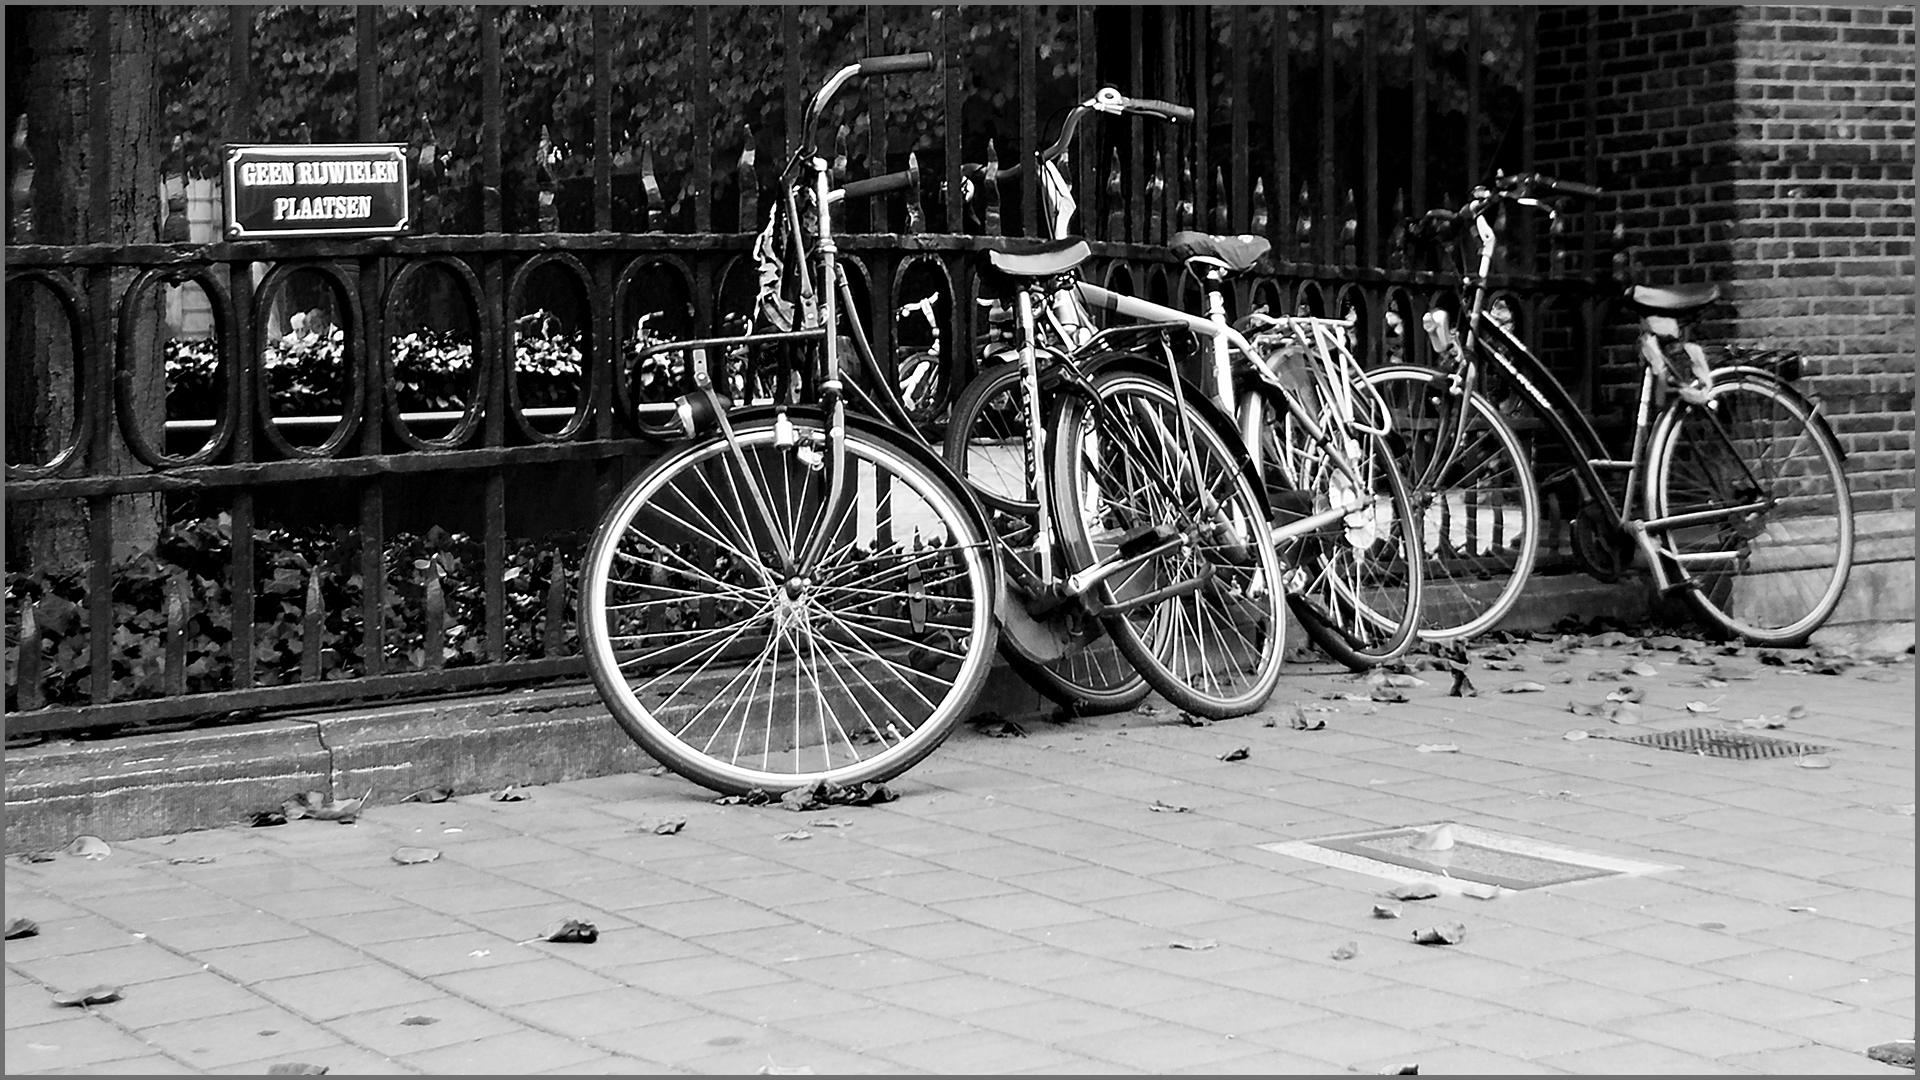 Verboden-fietsen-te-plaatsen.jpg